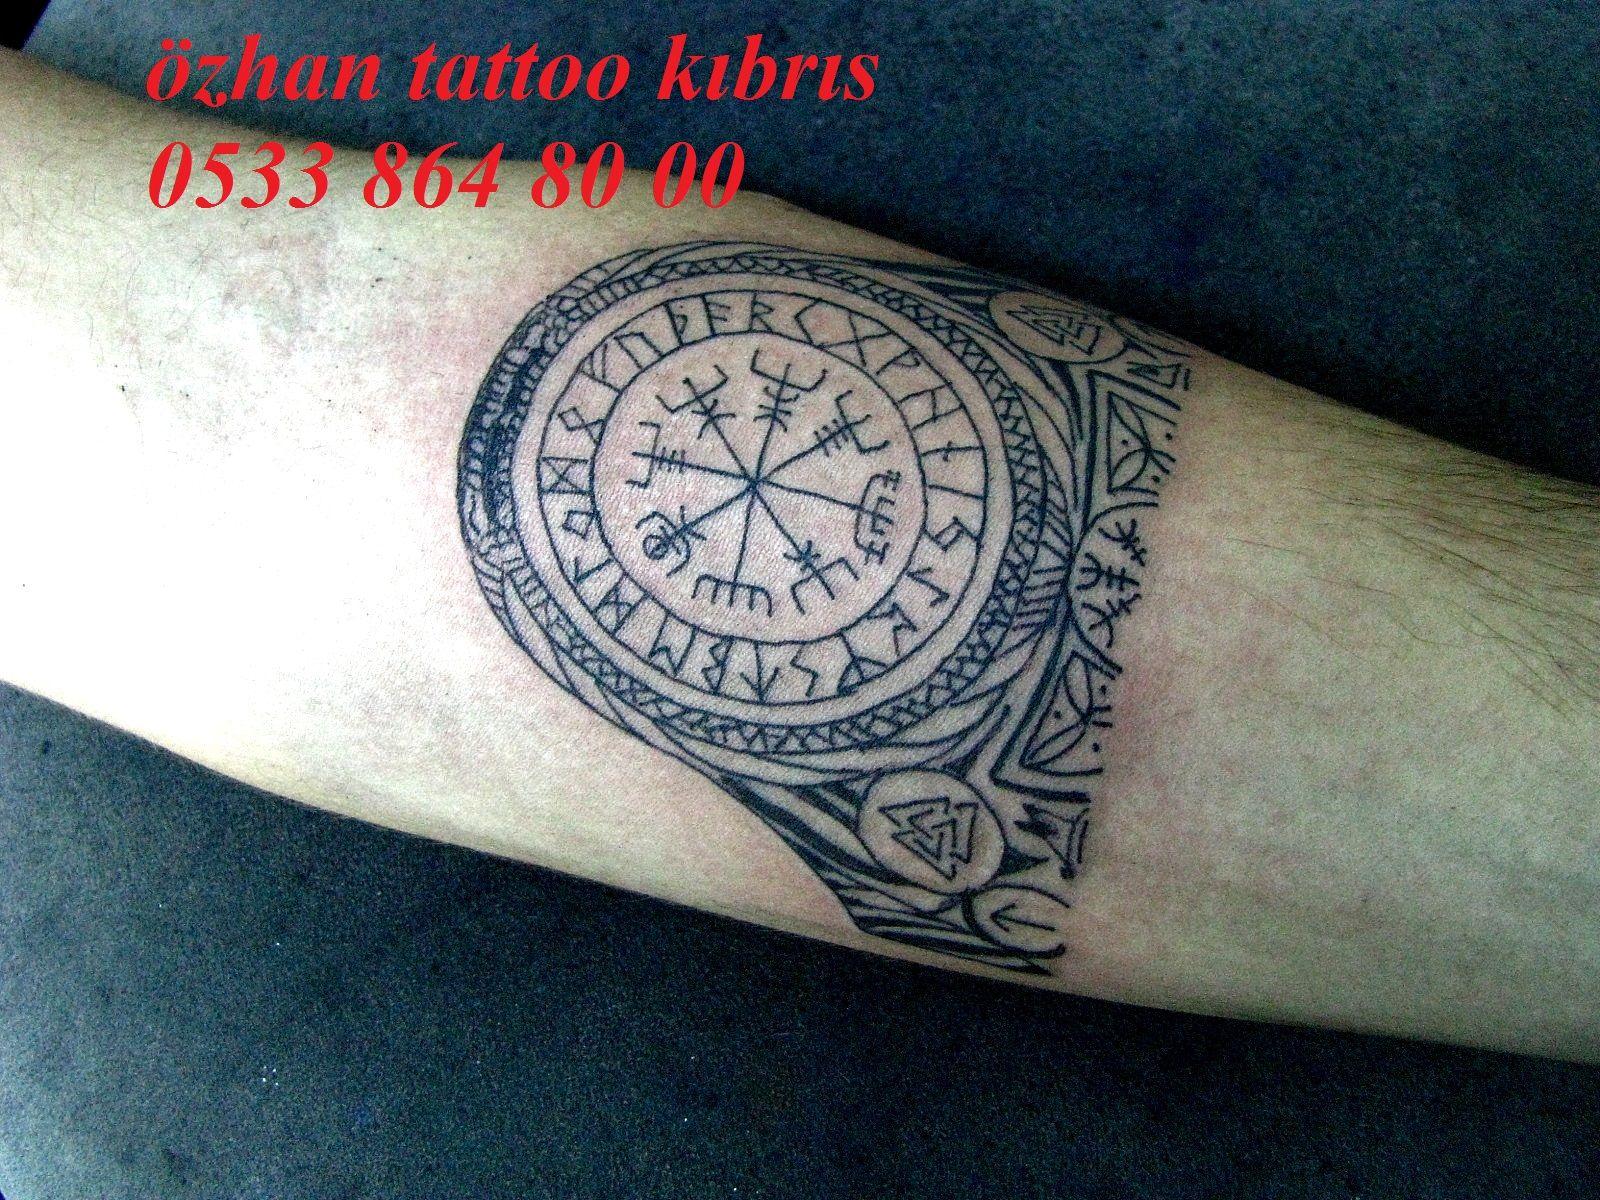 Dovme Kibris Tattoo Cyprus Cyprus Tattoo Nicosia Tattoo Dovme Modelleri Tattoo Dovme Tattoo Dovme Dovme Fiyatlari Tattoo Mandala Dovmesi Dovme Dovme Modelleri